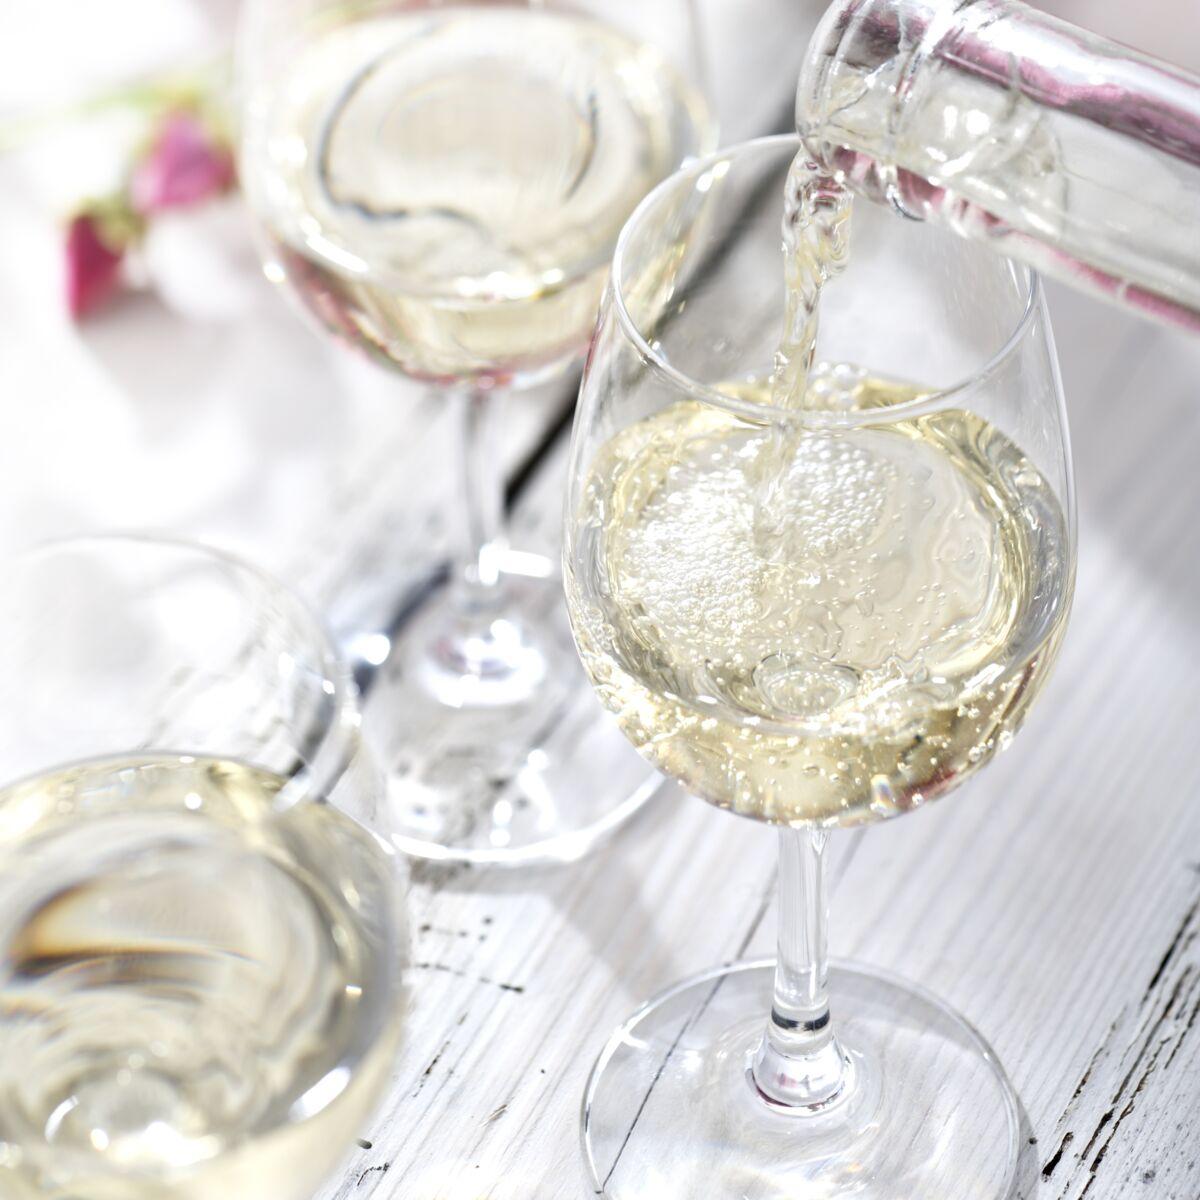 Comment Bien Choisir Le Vin Blanc D Aperitif Femme Actuelle Le Mag